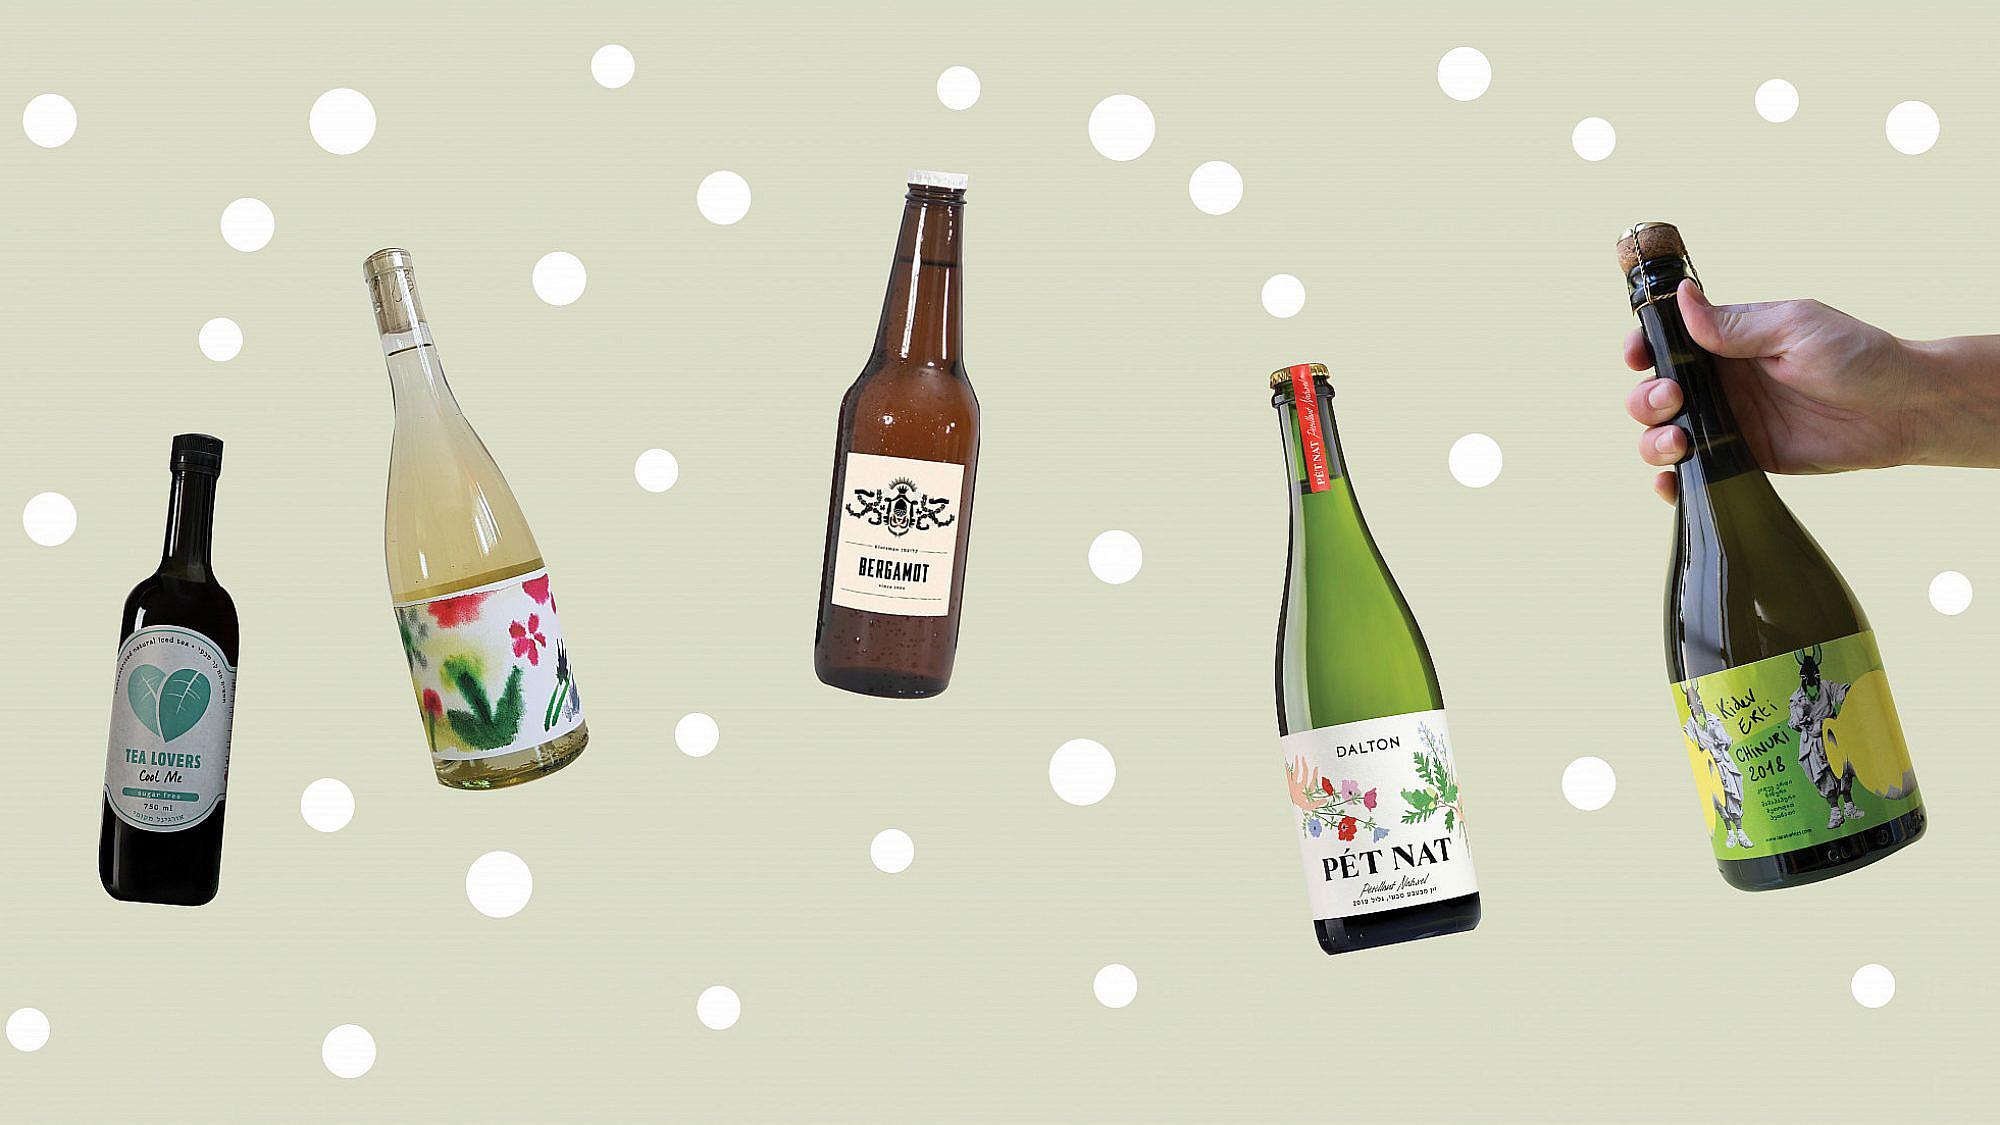 משקאות, קיץ 2020. עיצוב: אלונה פלוסקי